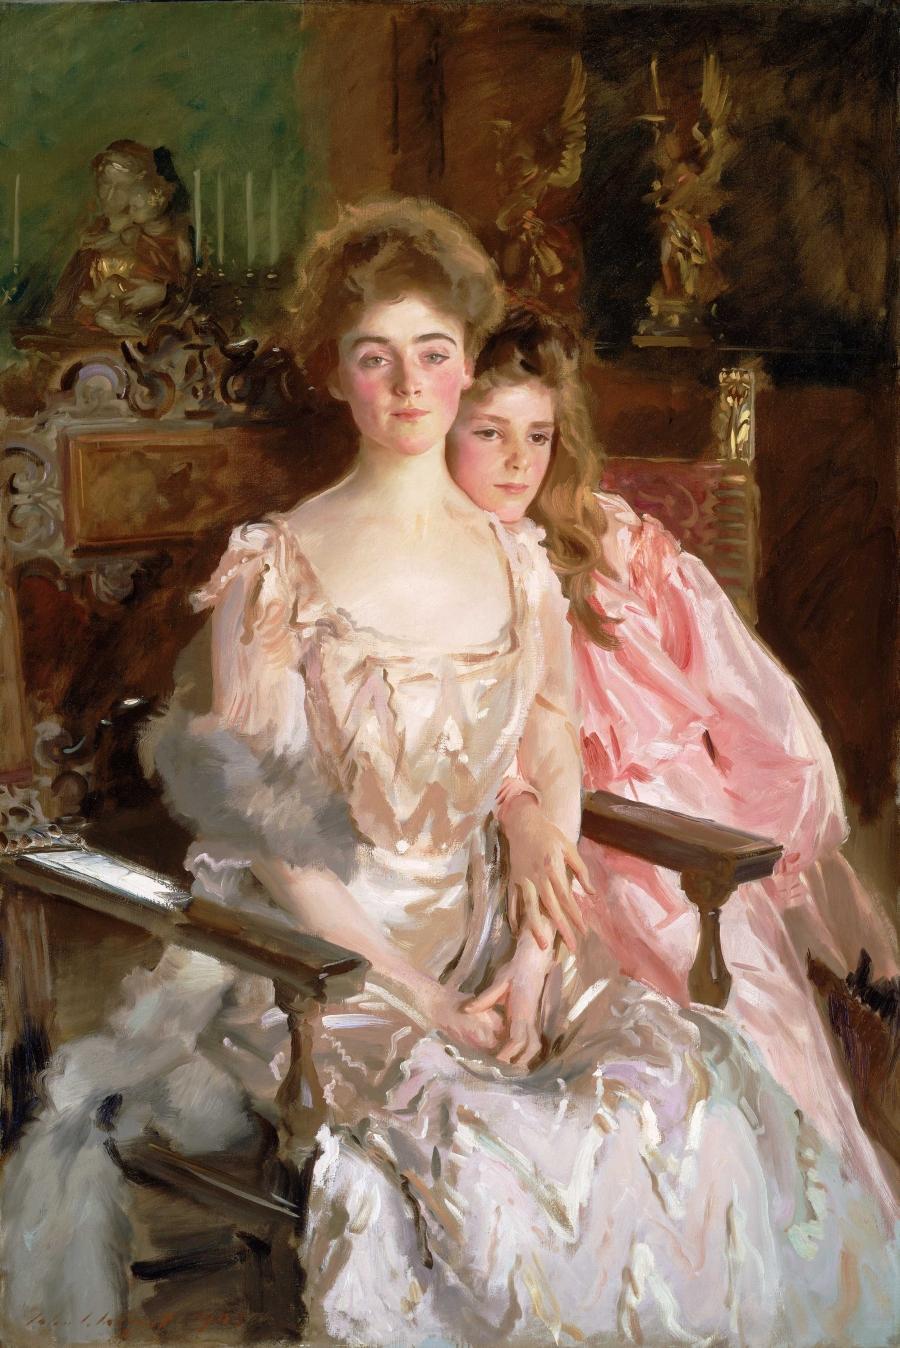 Mrs. Fiske Warren and Her Daughter Rachel, John Singer Sargent, 1903 | Gallery 232